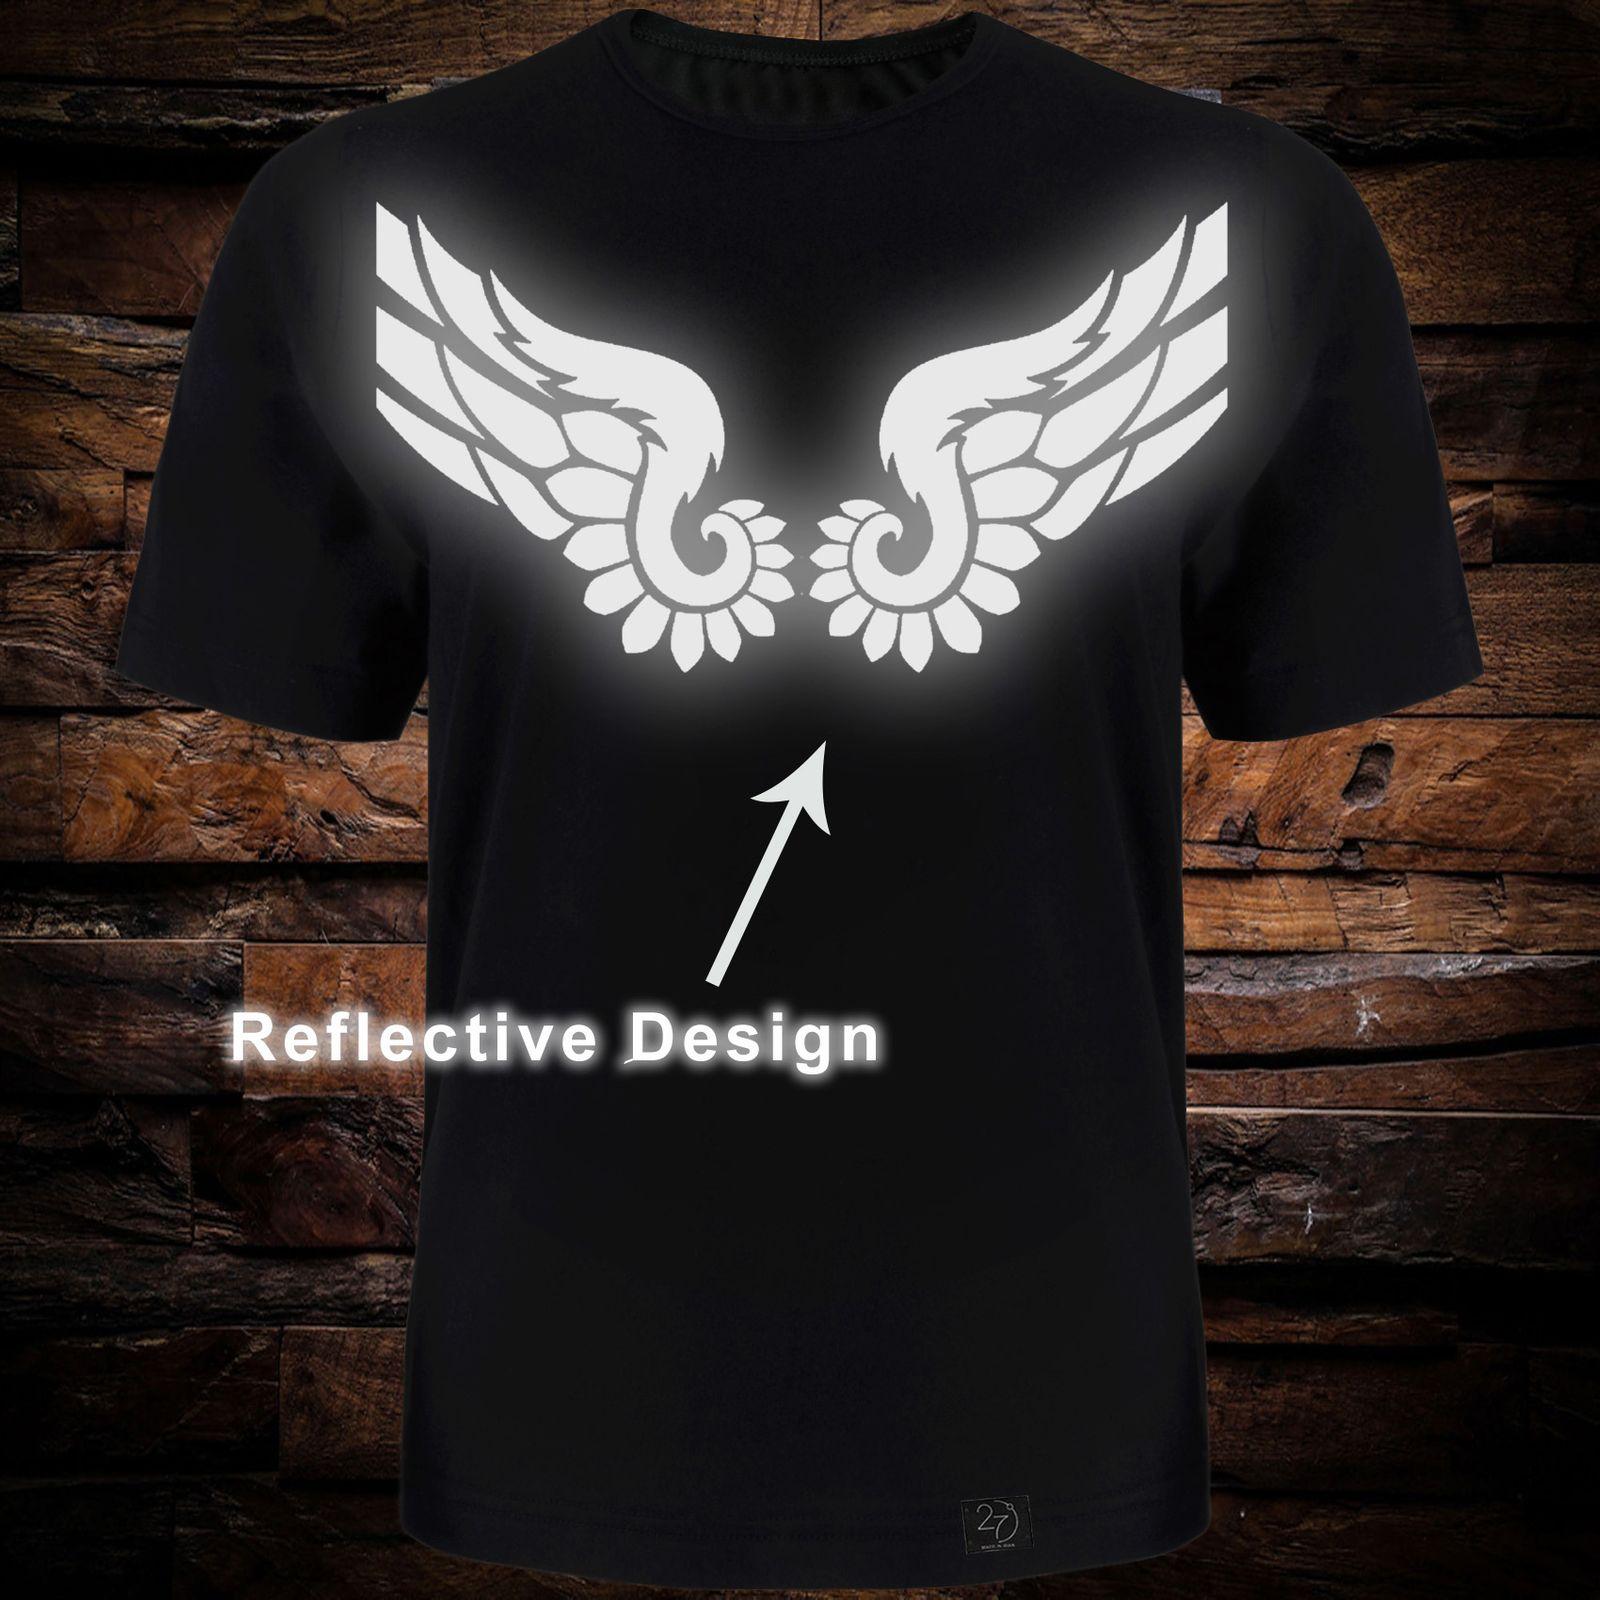 تی شرت آستین کوتاه مردانه 27 طرح بال کد TR09 رنگ مشکی -  - 2